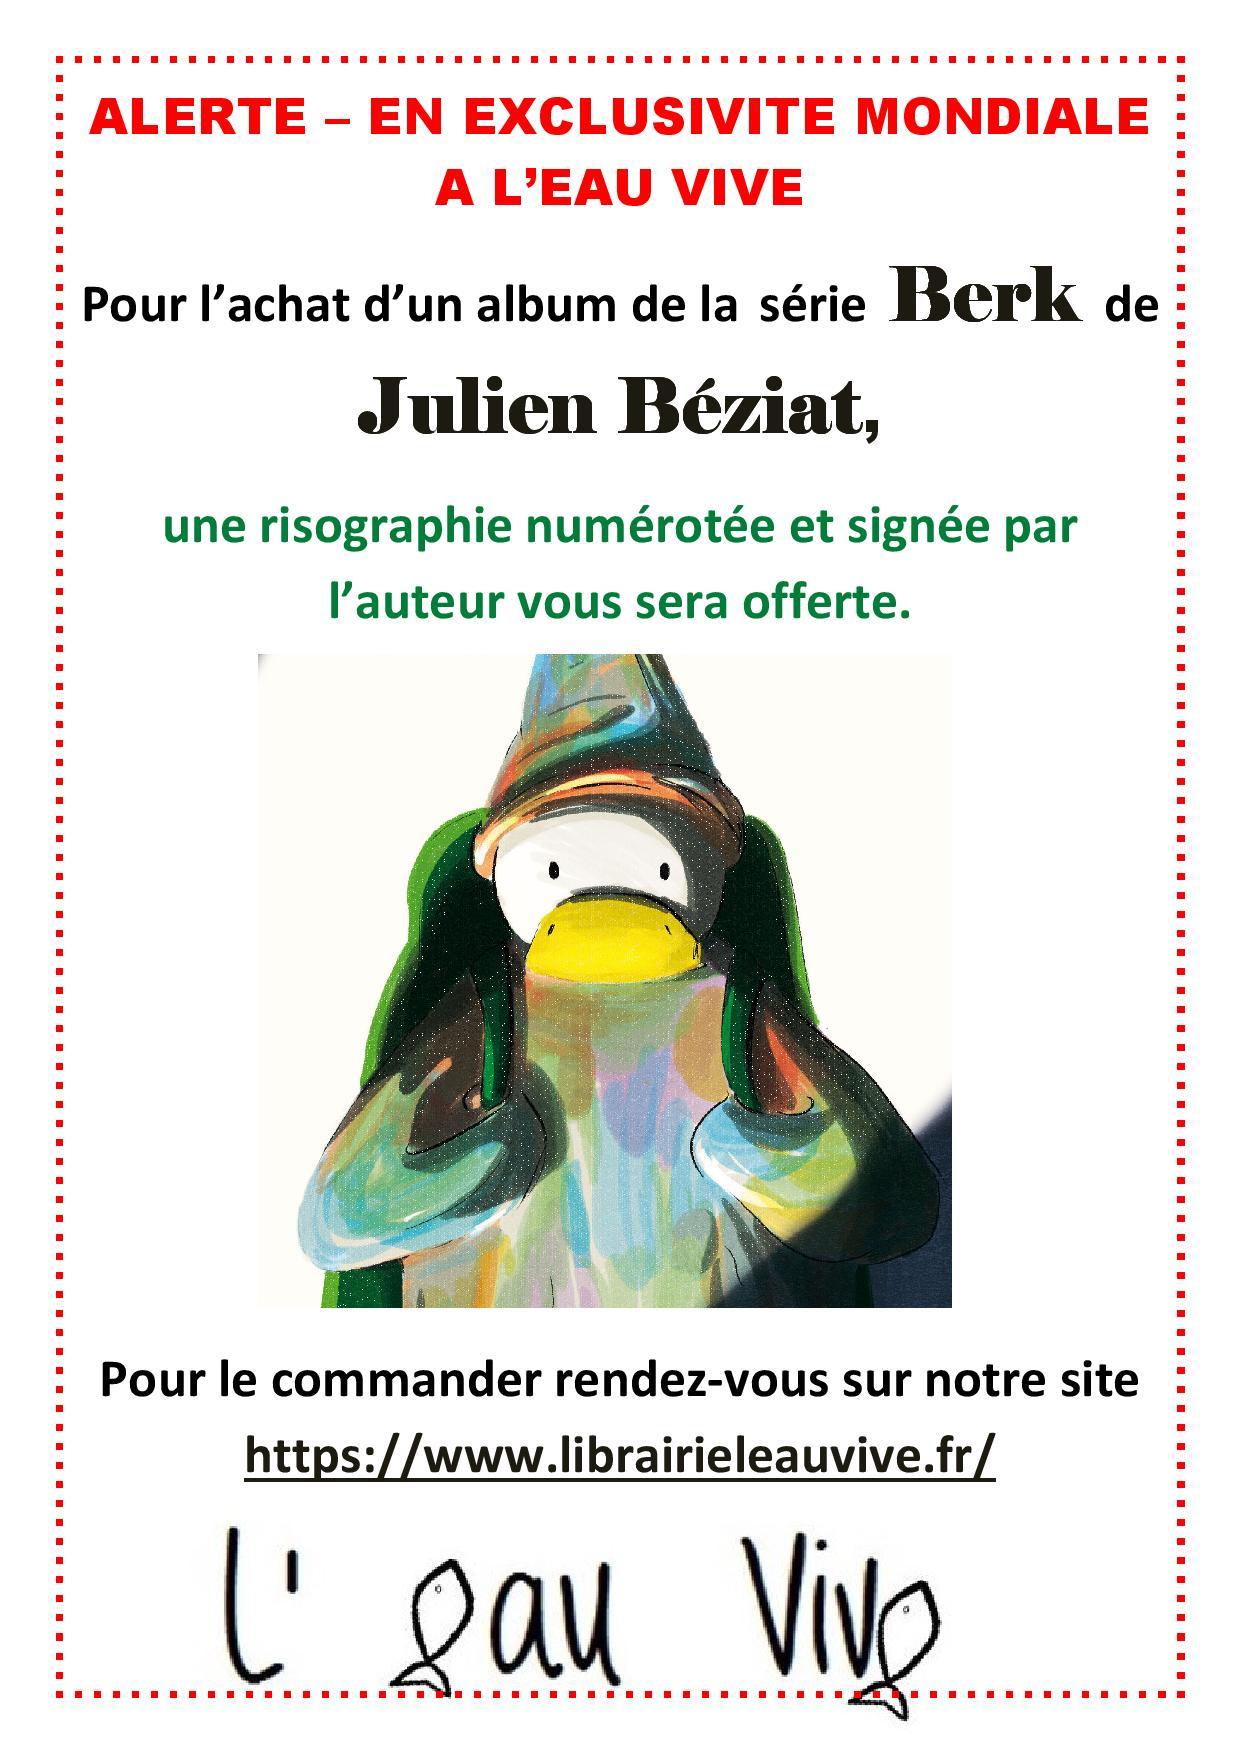 Une affiche offerte pour l'achat d'un album des aventures de BerK